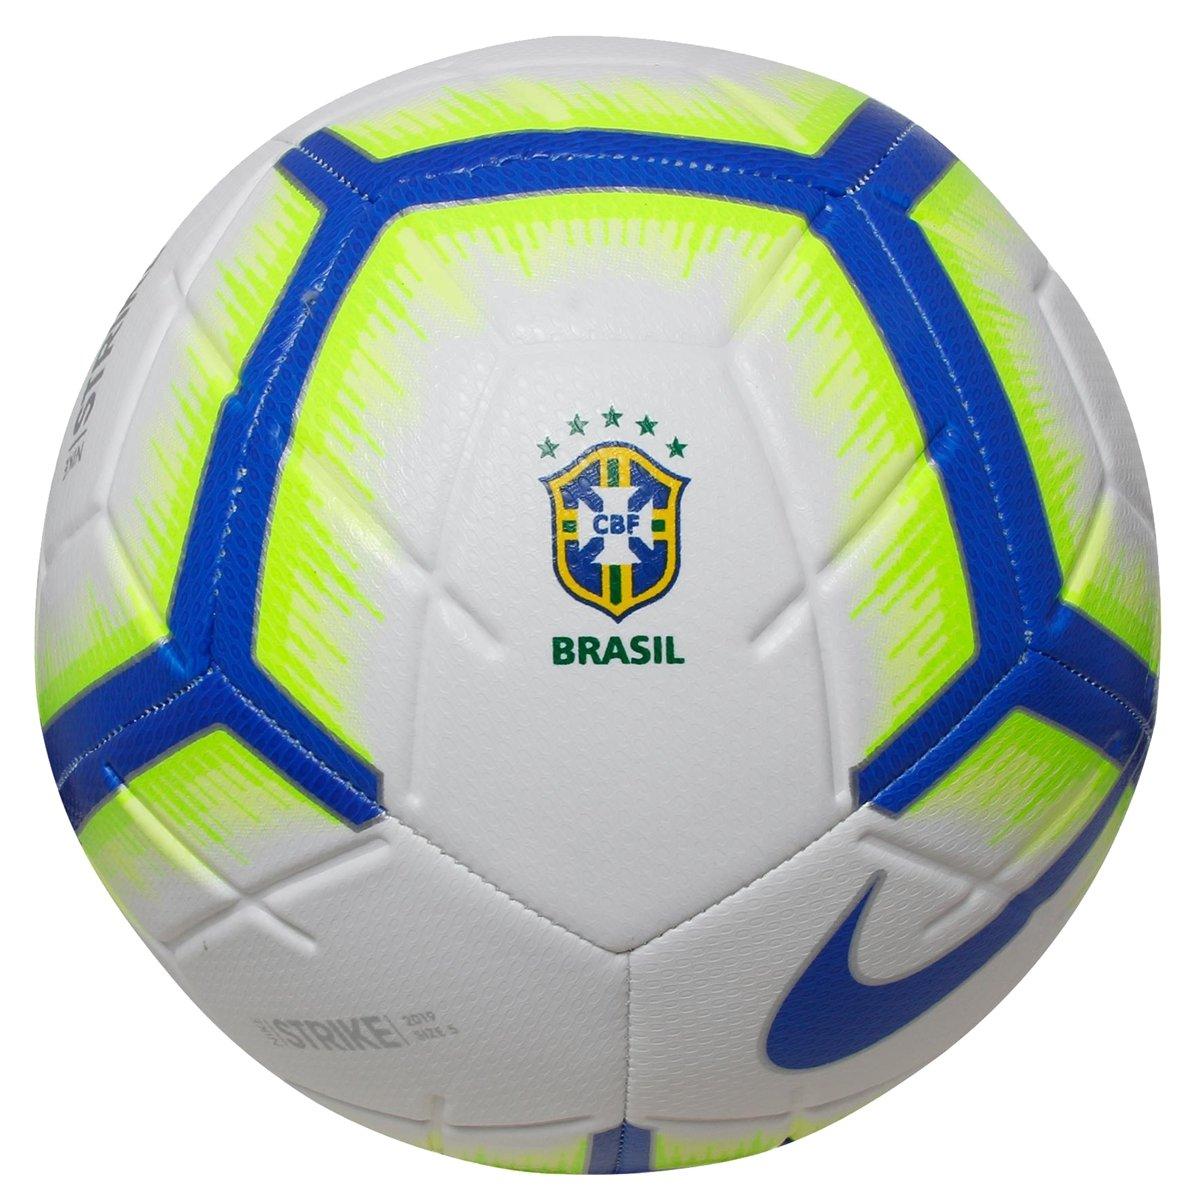 2842f4243f BOLA CAMPO NIKE BRASIL STRIKE - Branco royal Neon - Compre Agora ...